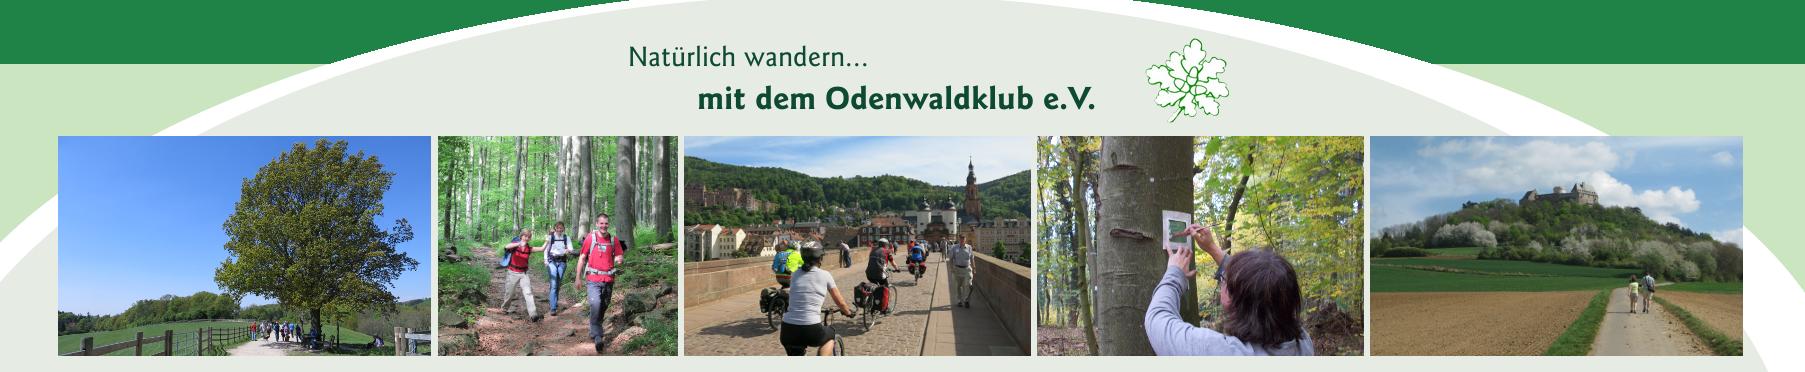 Odenwaldklub e.V.